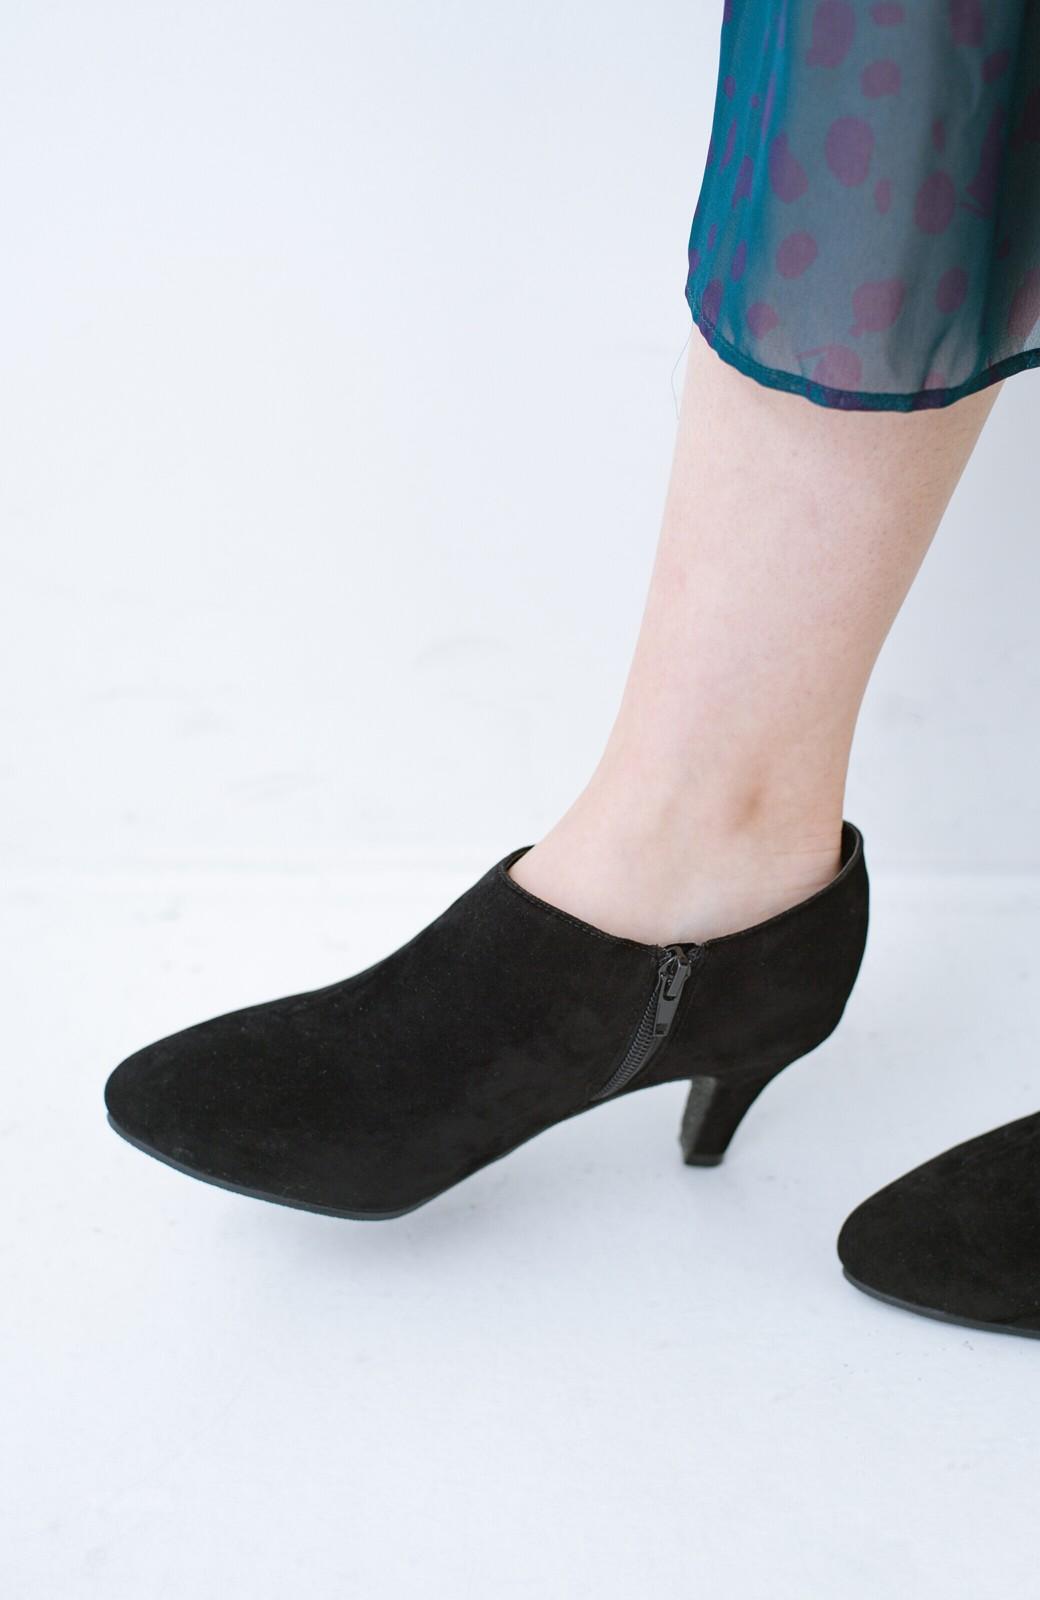 haco! パンツにもスカートにも便利な女っぽブーティー <ブラック>の商品写真11